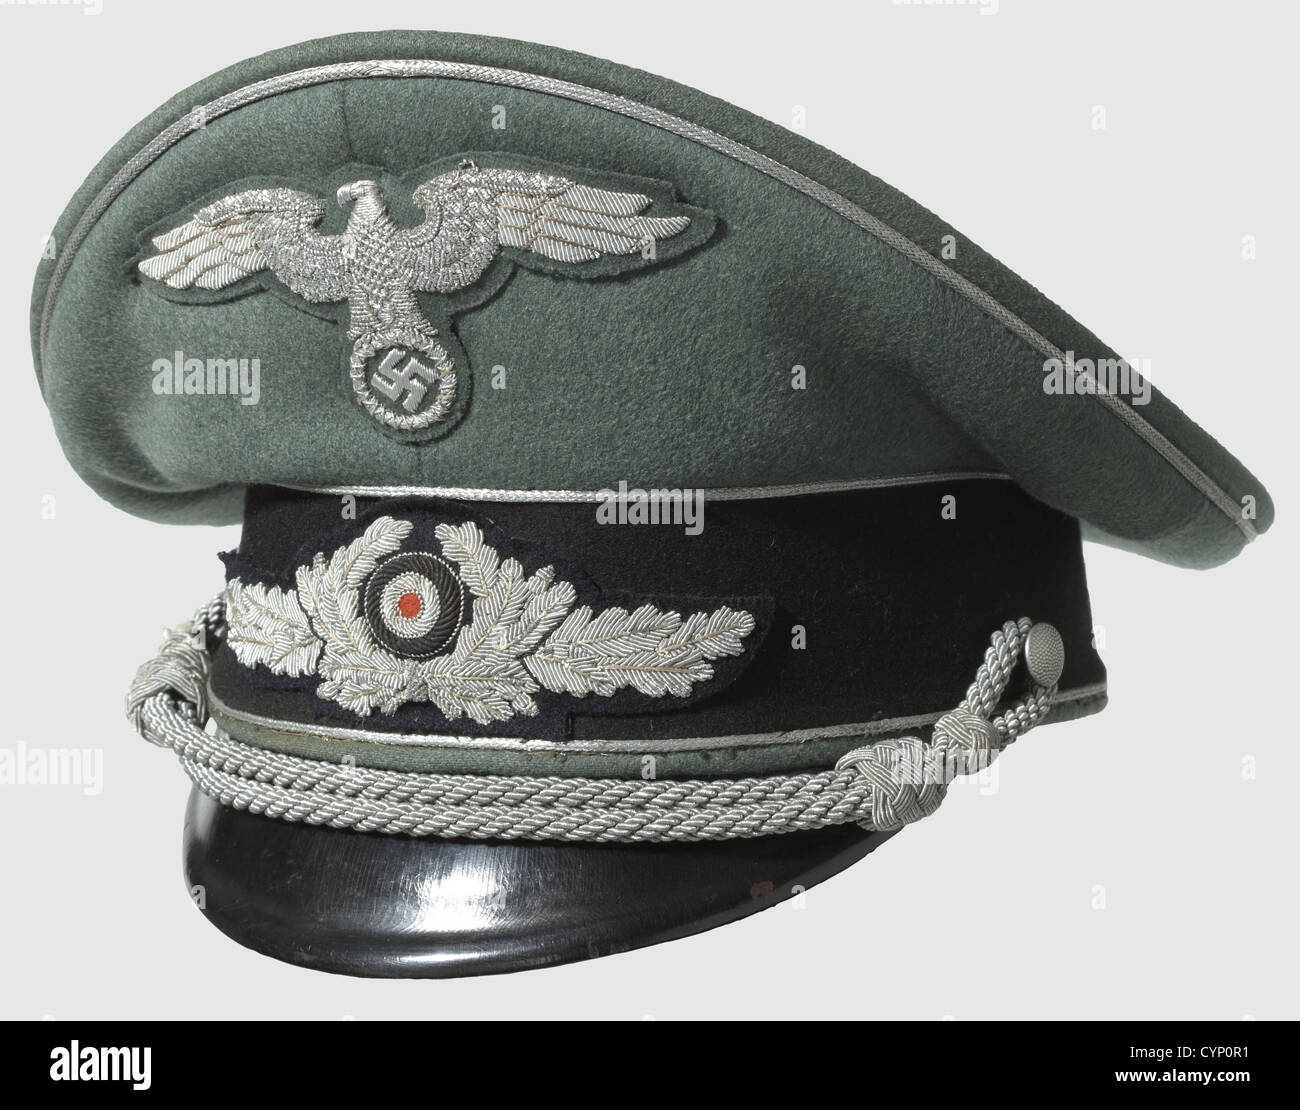 Diplomatisch Apothekerflasche Alt Vintage Mit Emaille Etikett Spiritus 96 % Alte Berufe